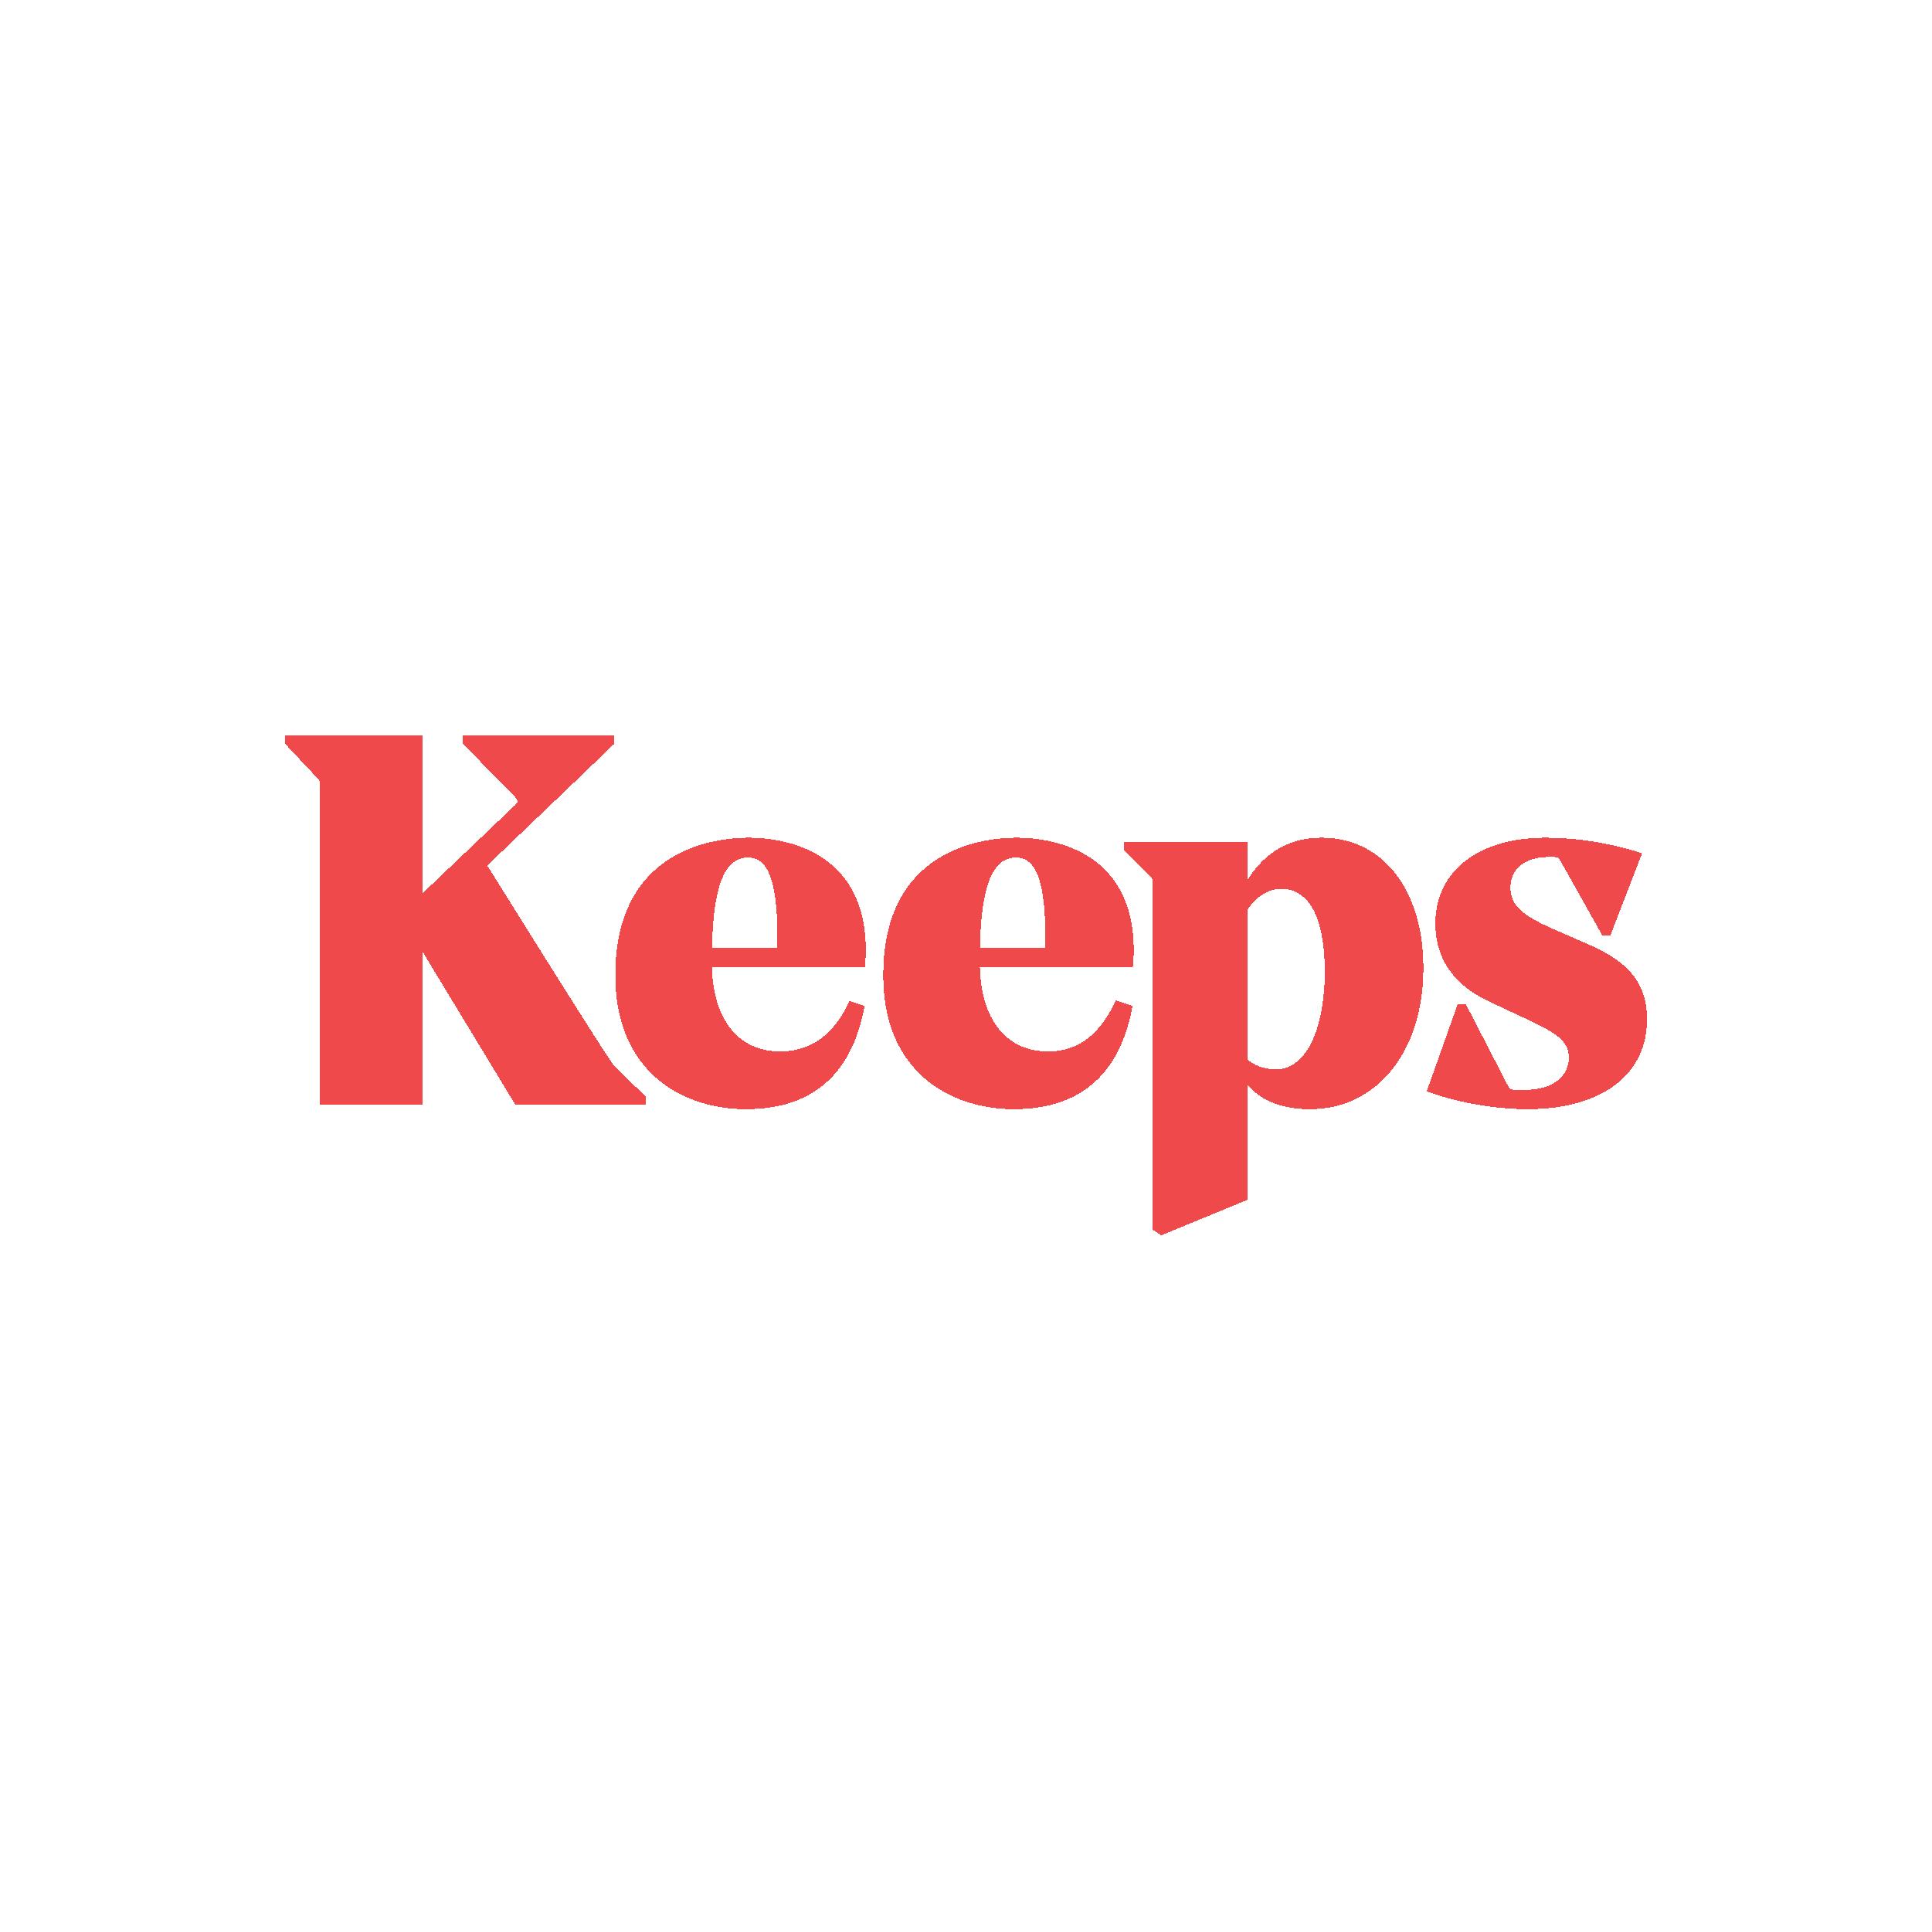 Keeps